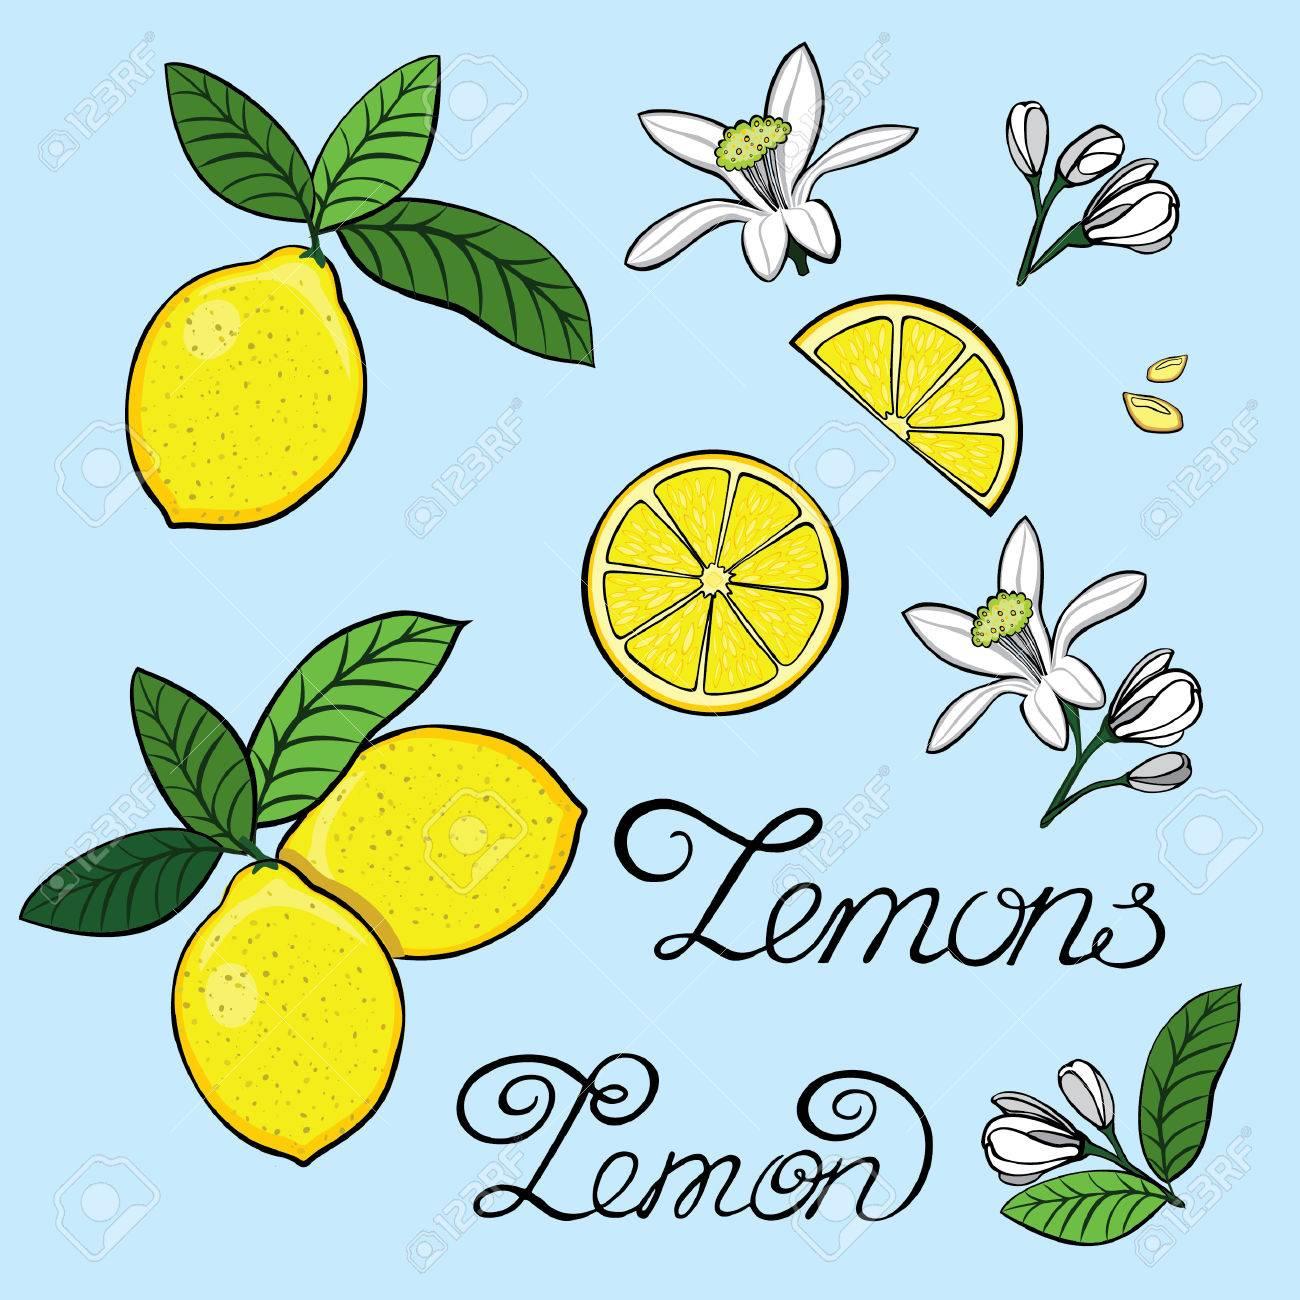 Elemente Für Das Design Einer Zitrone, Zitronenbaum Blumen, Getreide ...